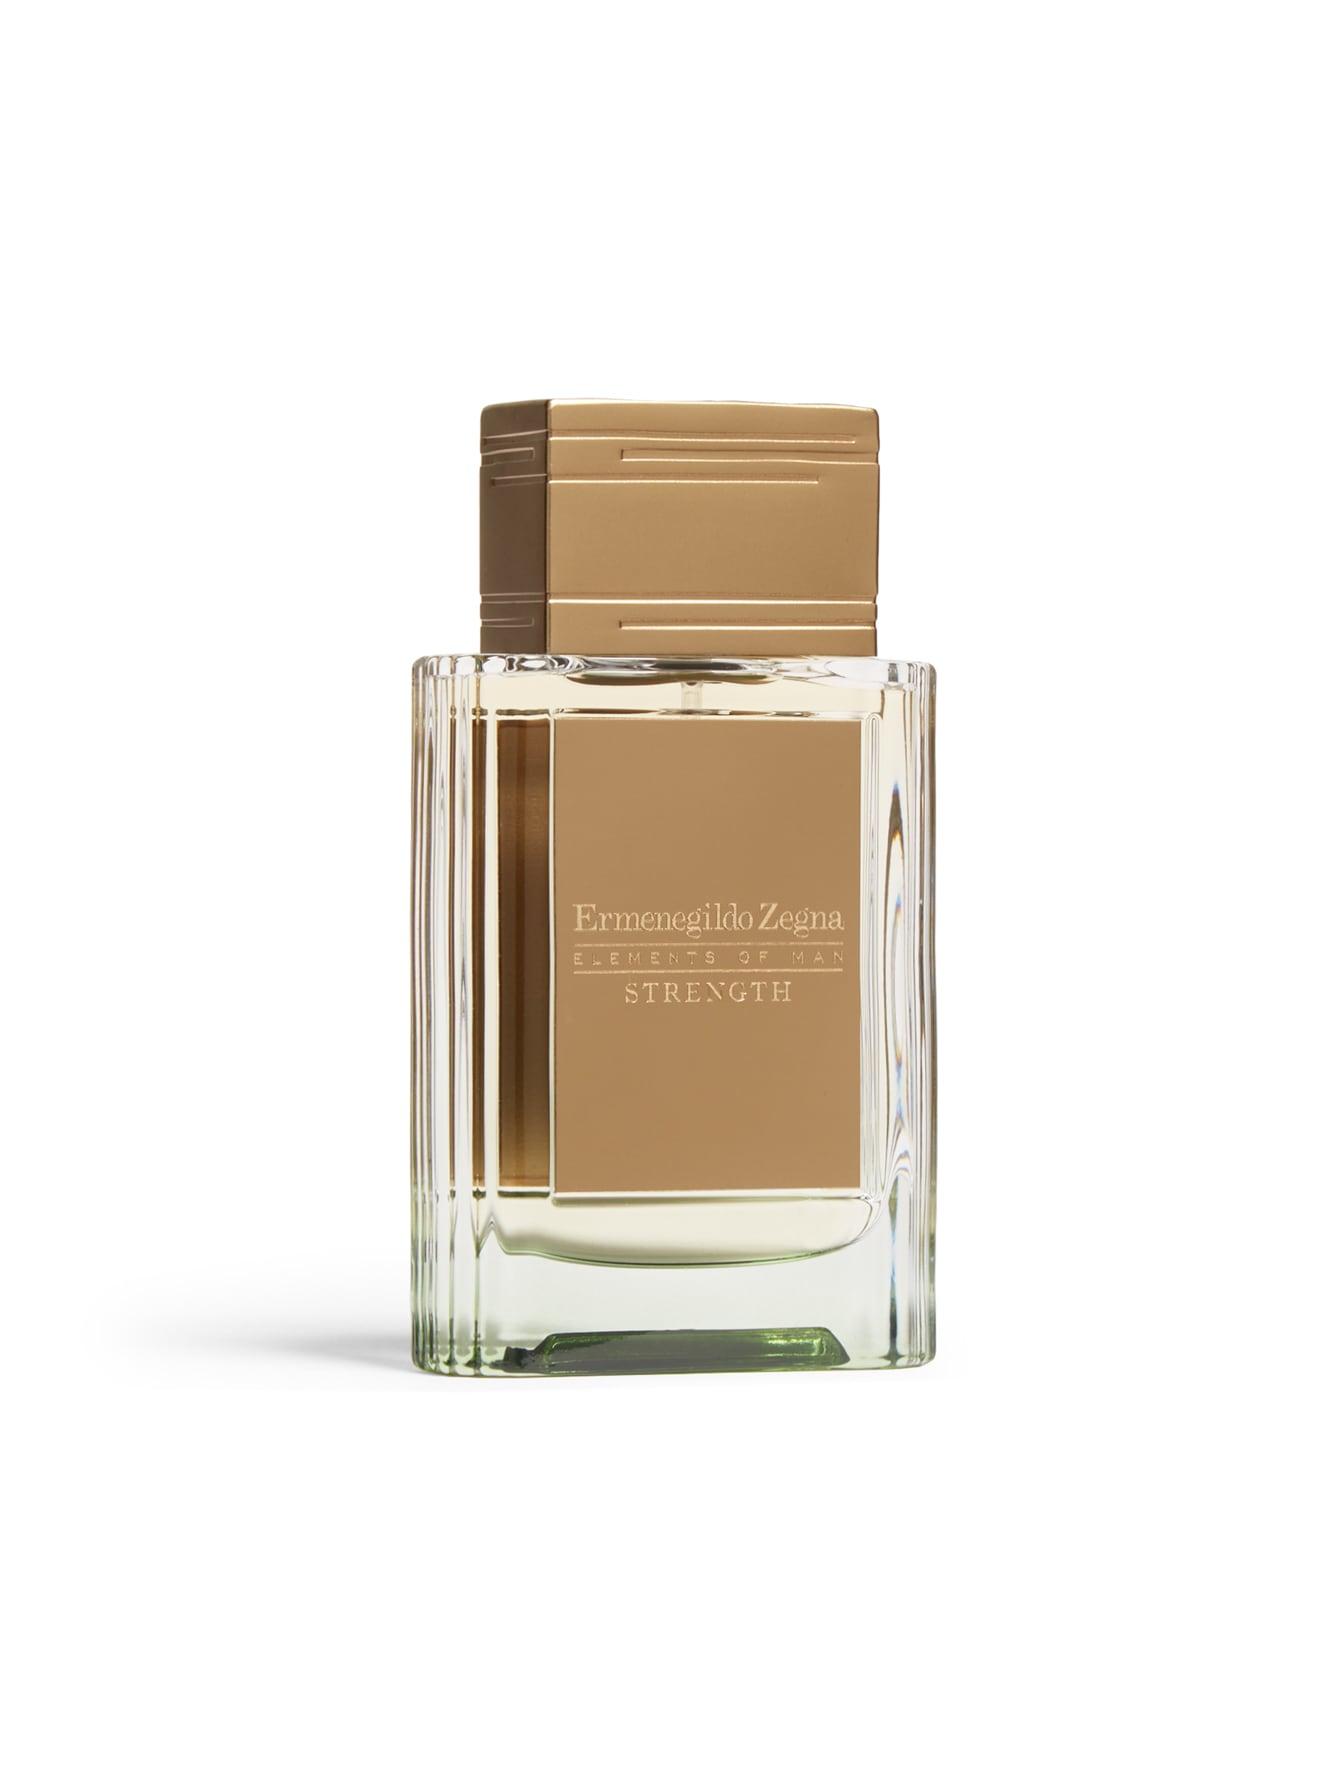 strength ermenegildo zegna cologne un nouveau parfum pour homme 2017. Black Bedroom Furniture Sets. Home Design Ideas